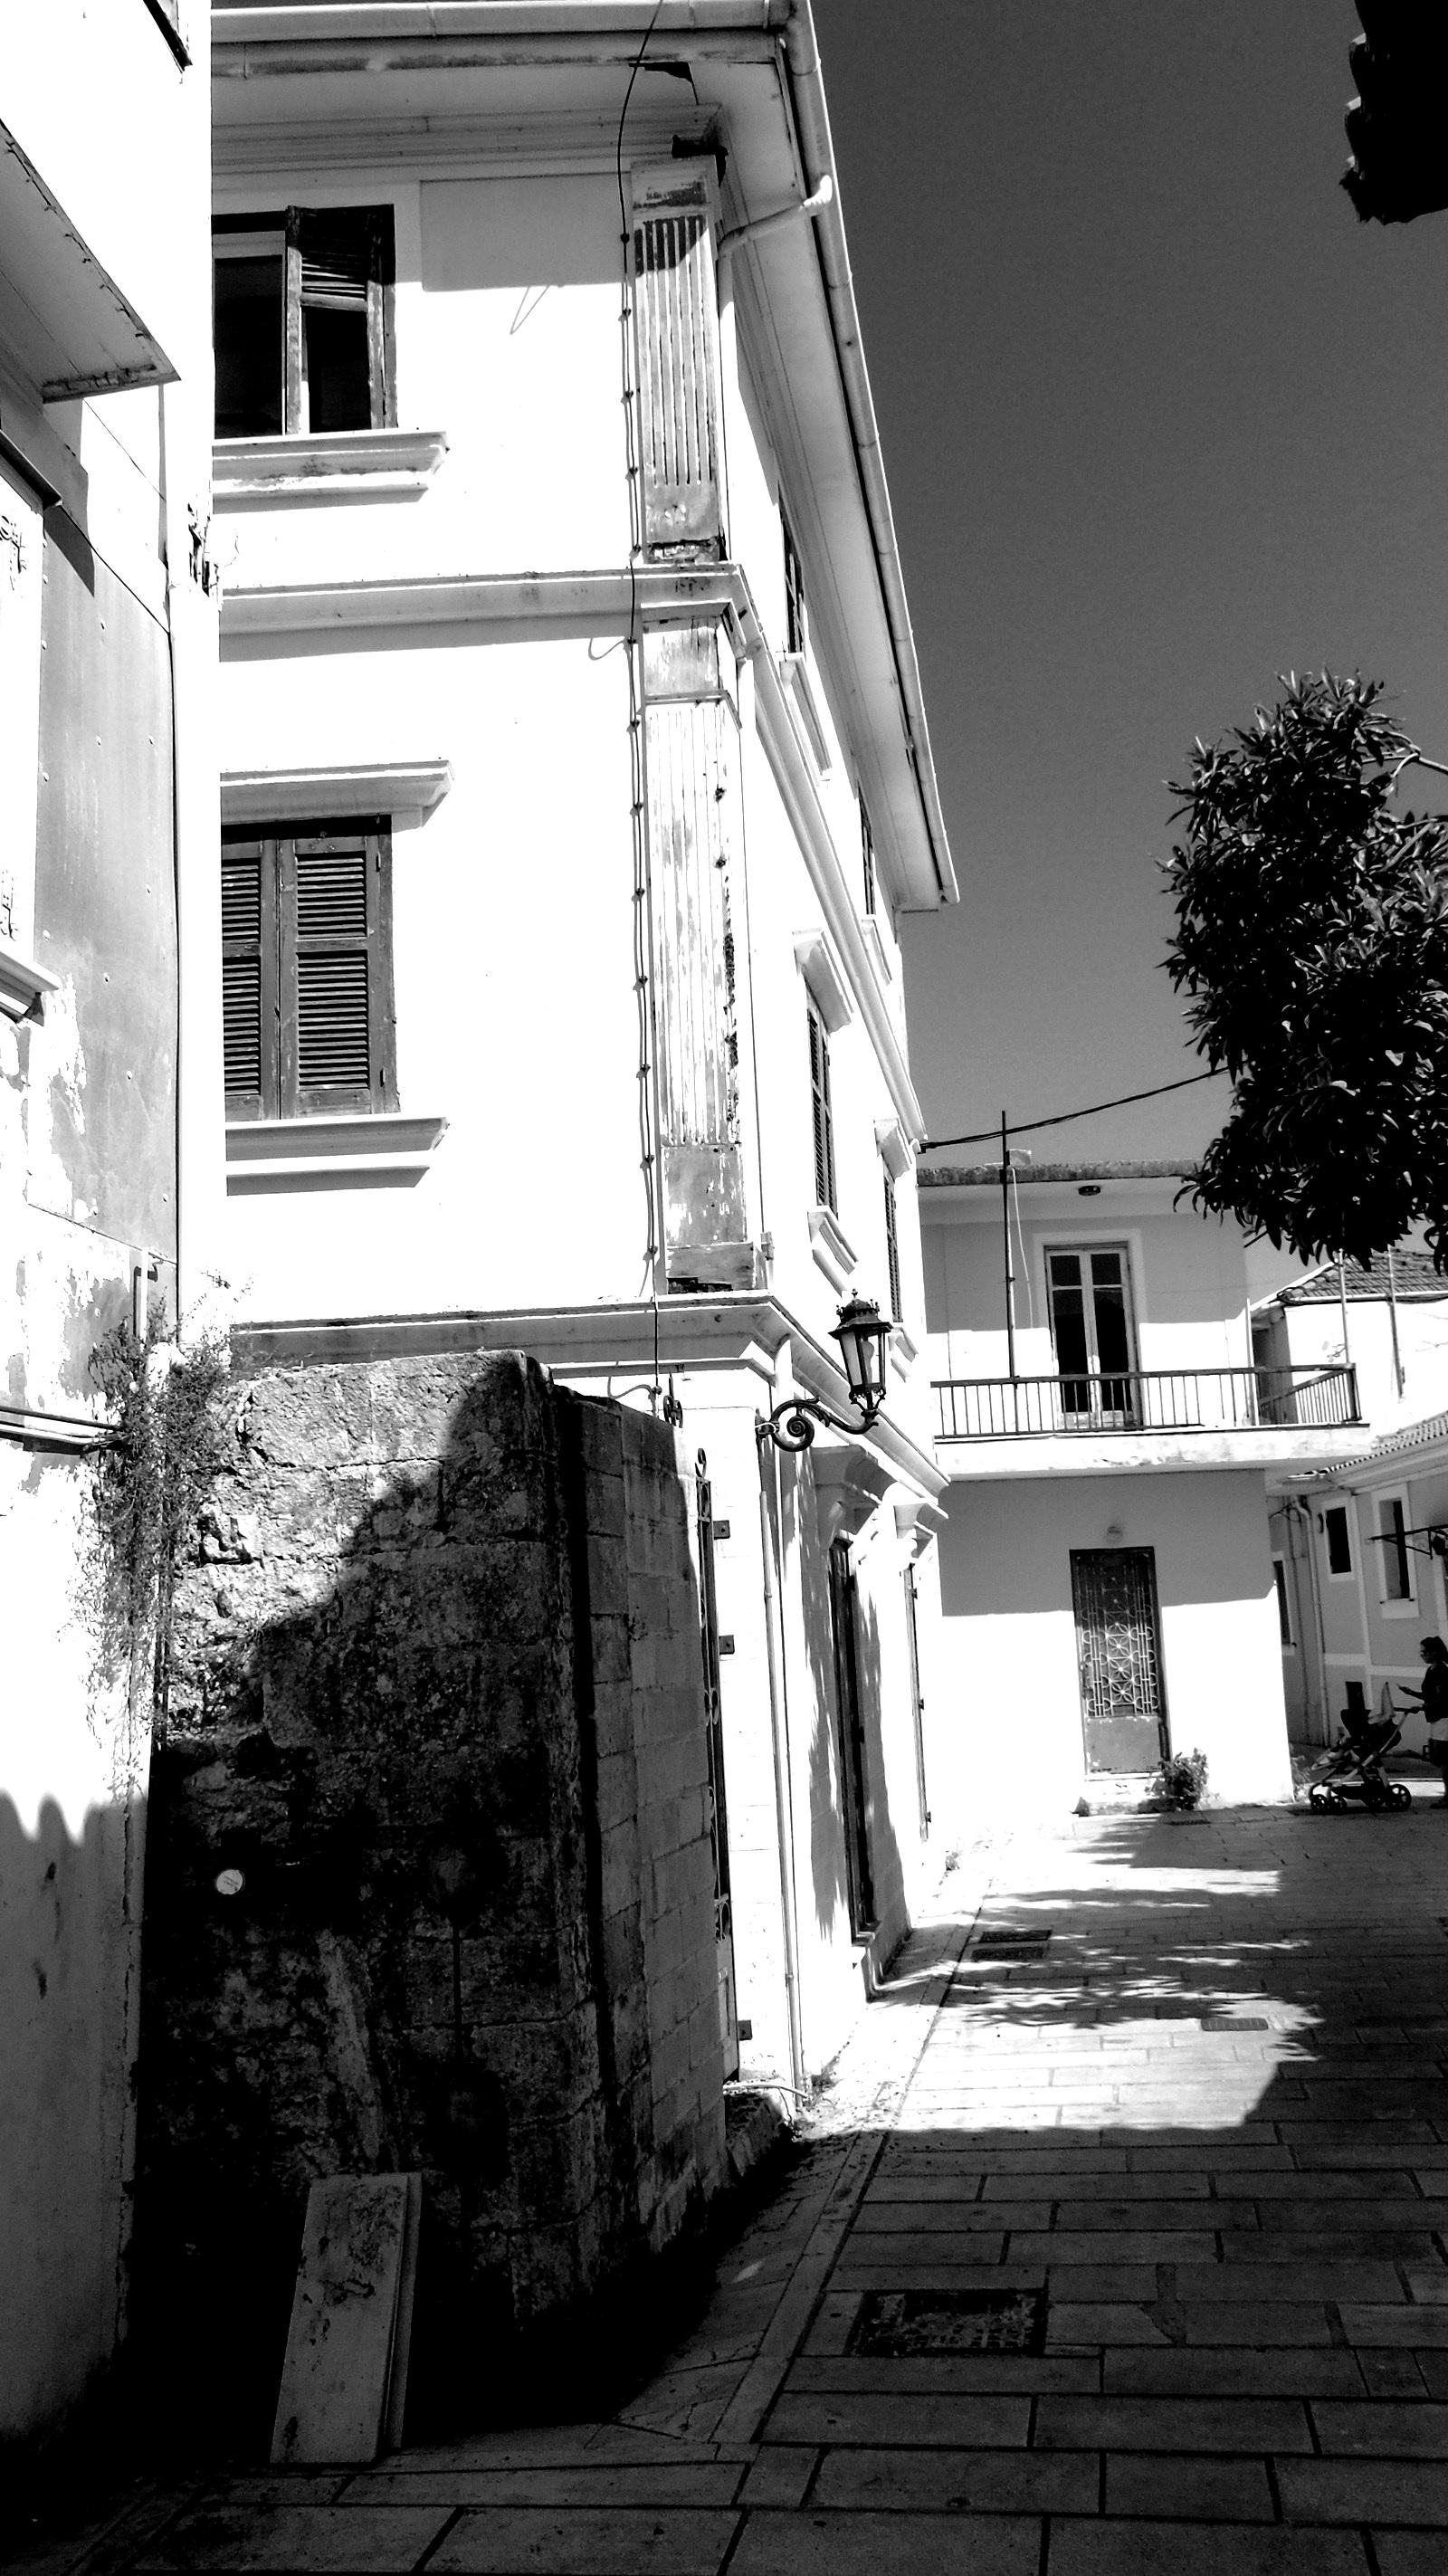 Το ψηλό κτίριο του Ελληνικού Σχολείου